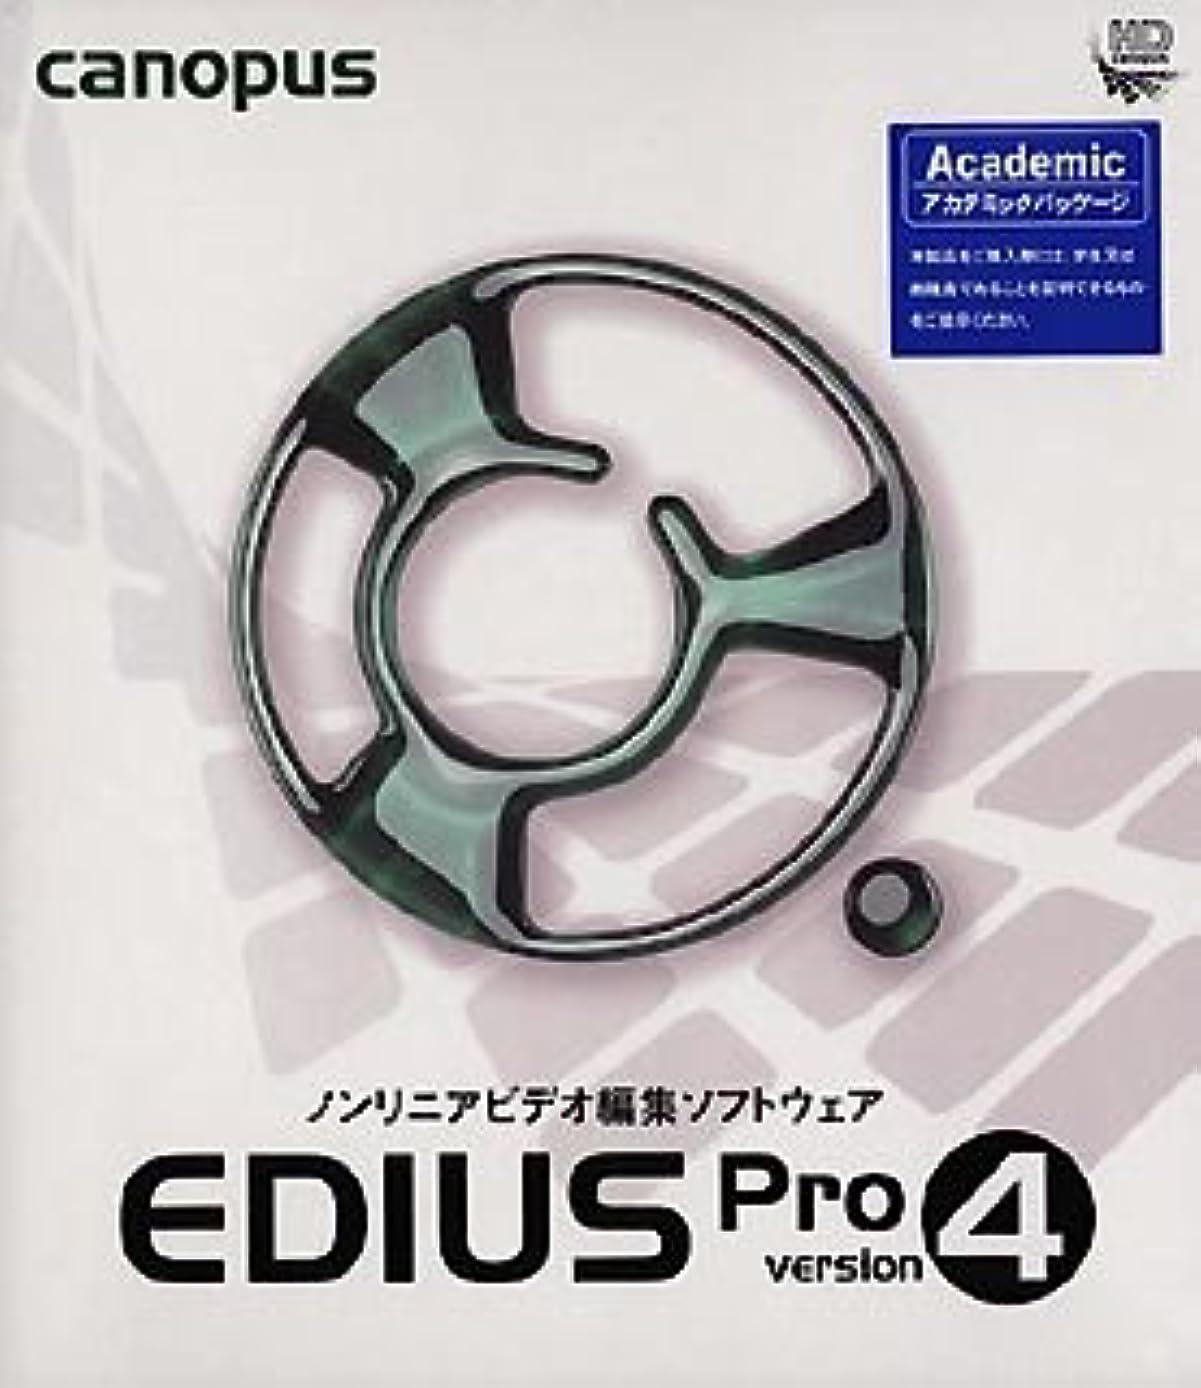 かもしれない有力者窓を洗うEDIUS Pro version 4 アカデミック版